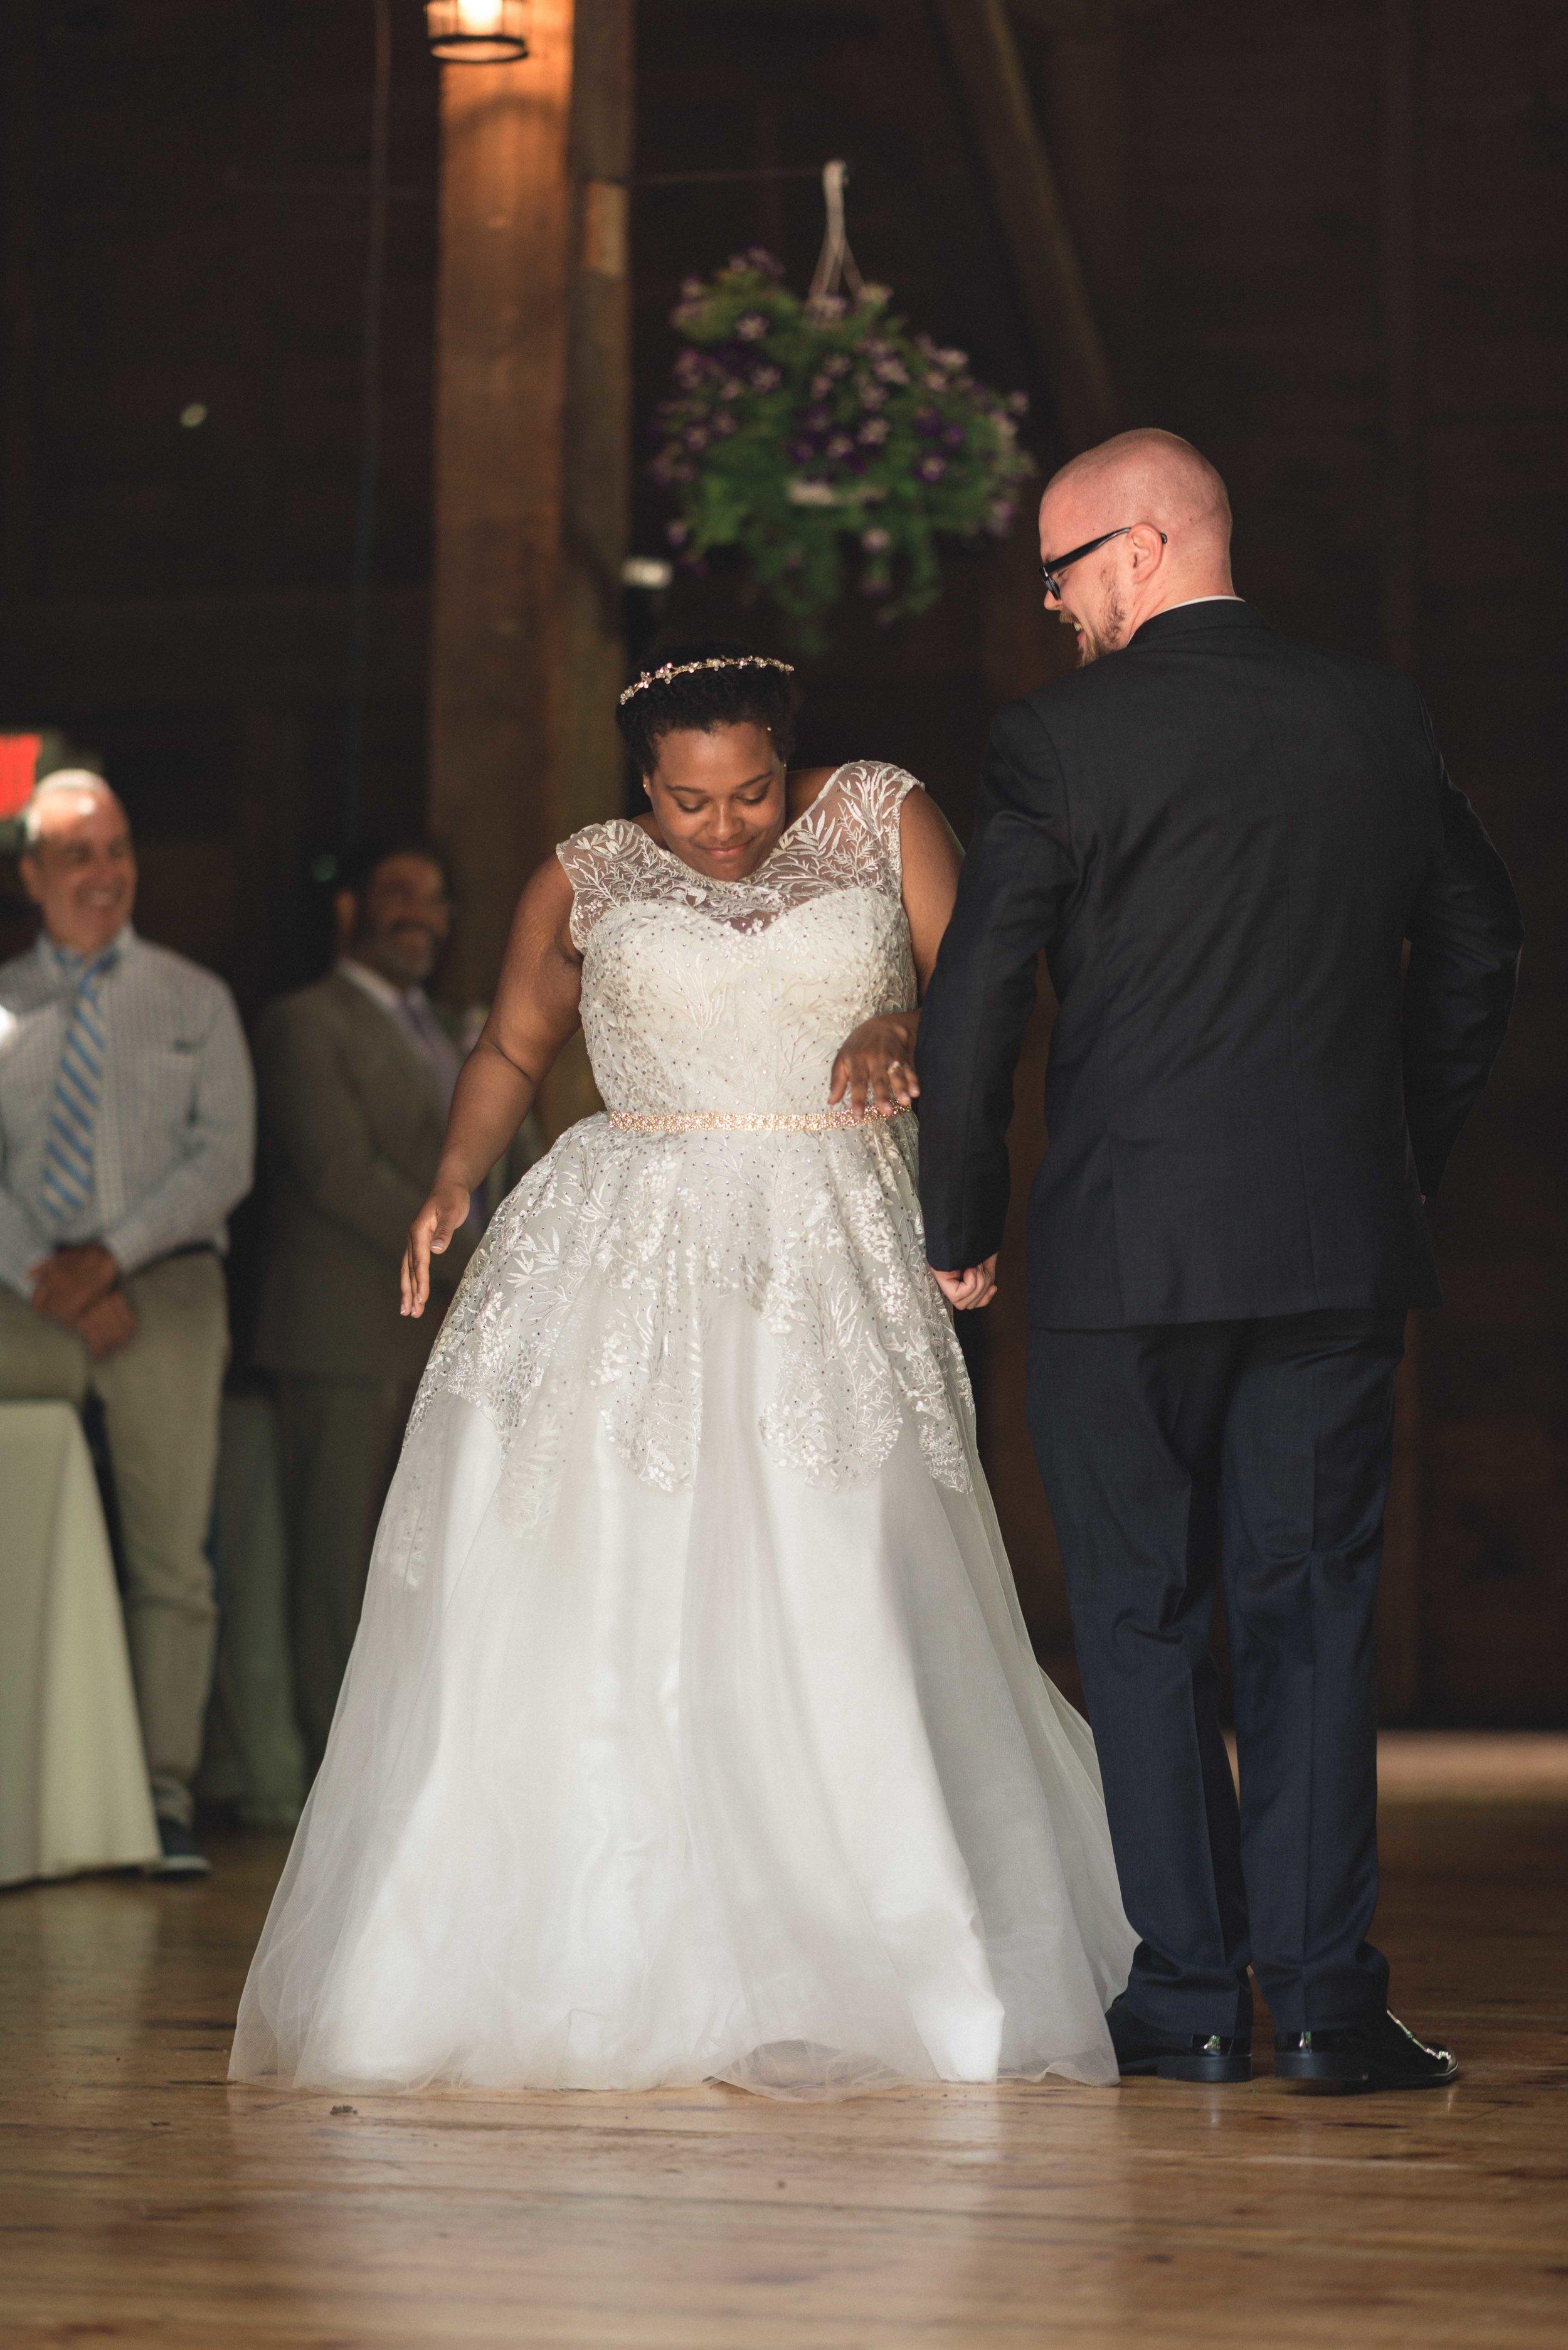 Zach-Xio-wedding-233.jpg